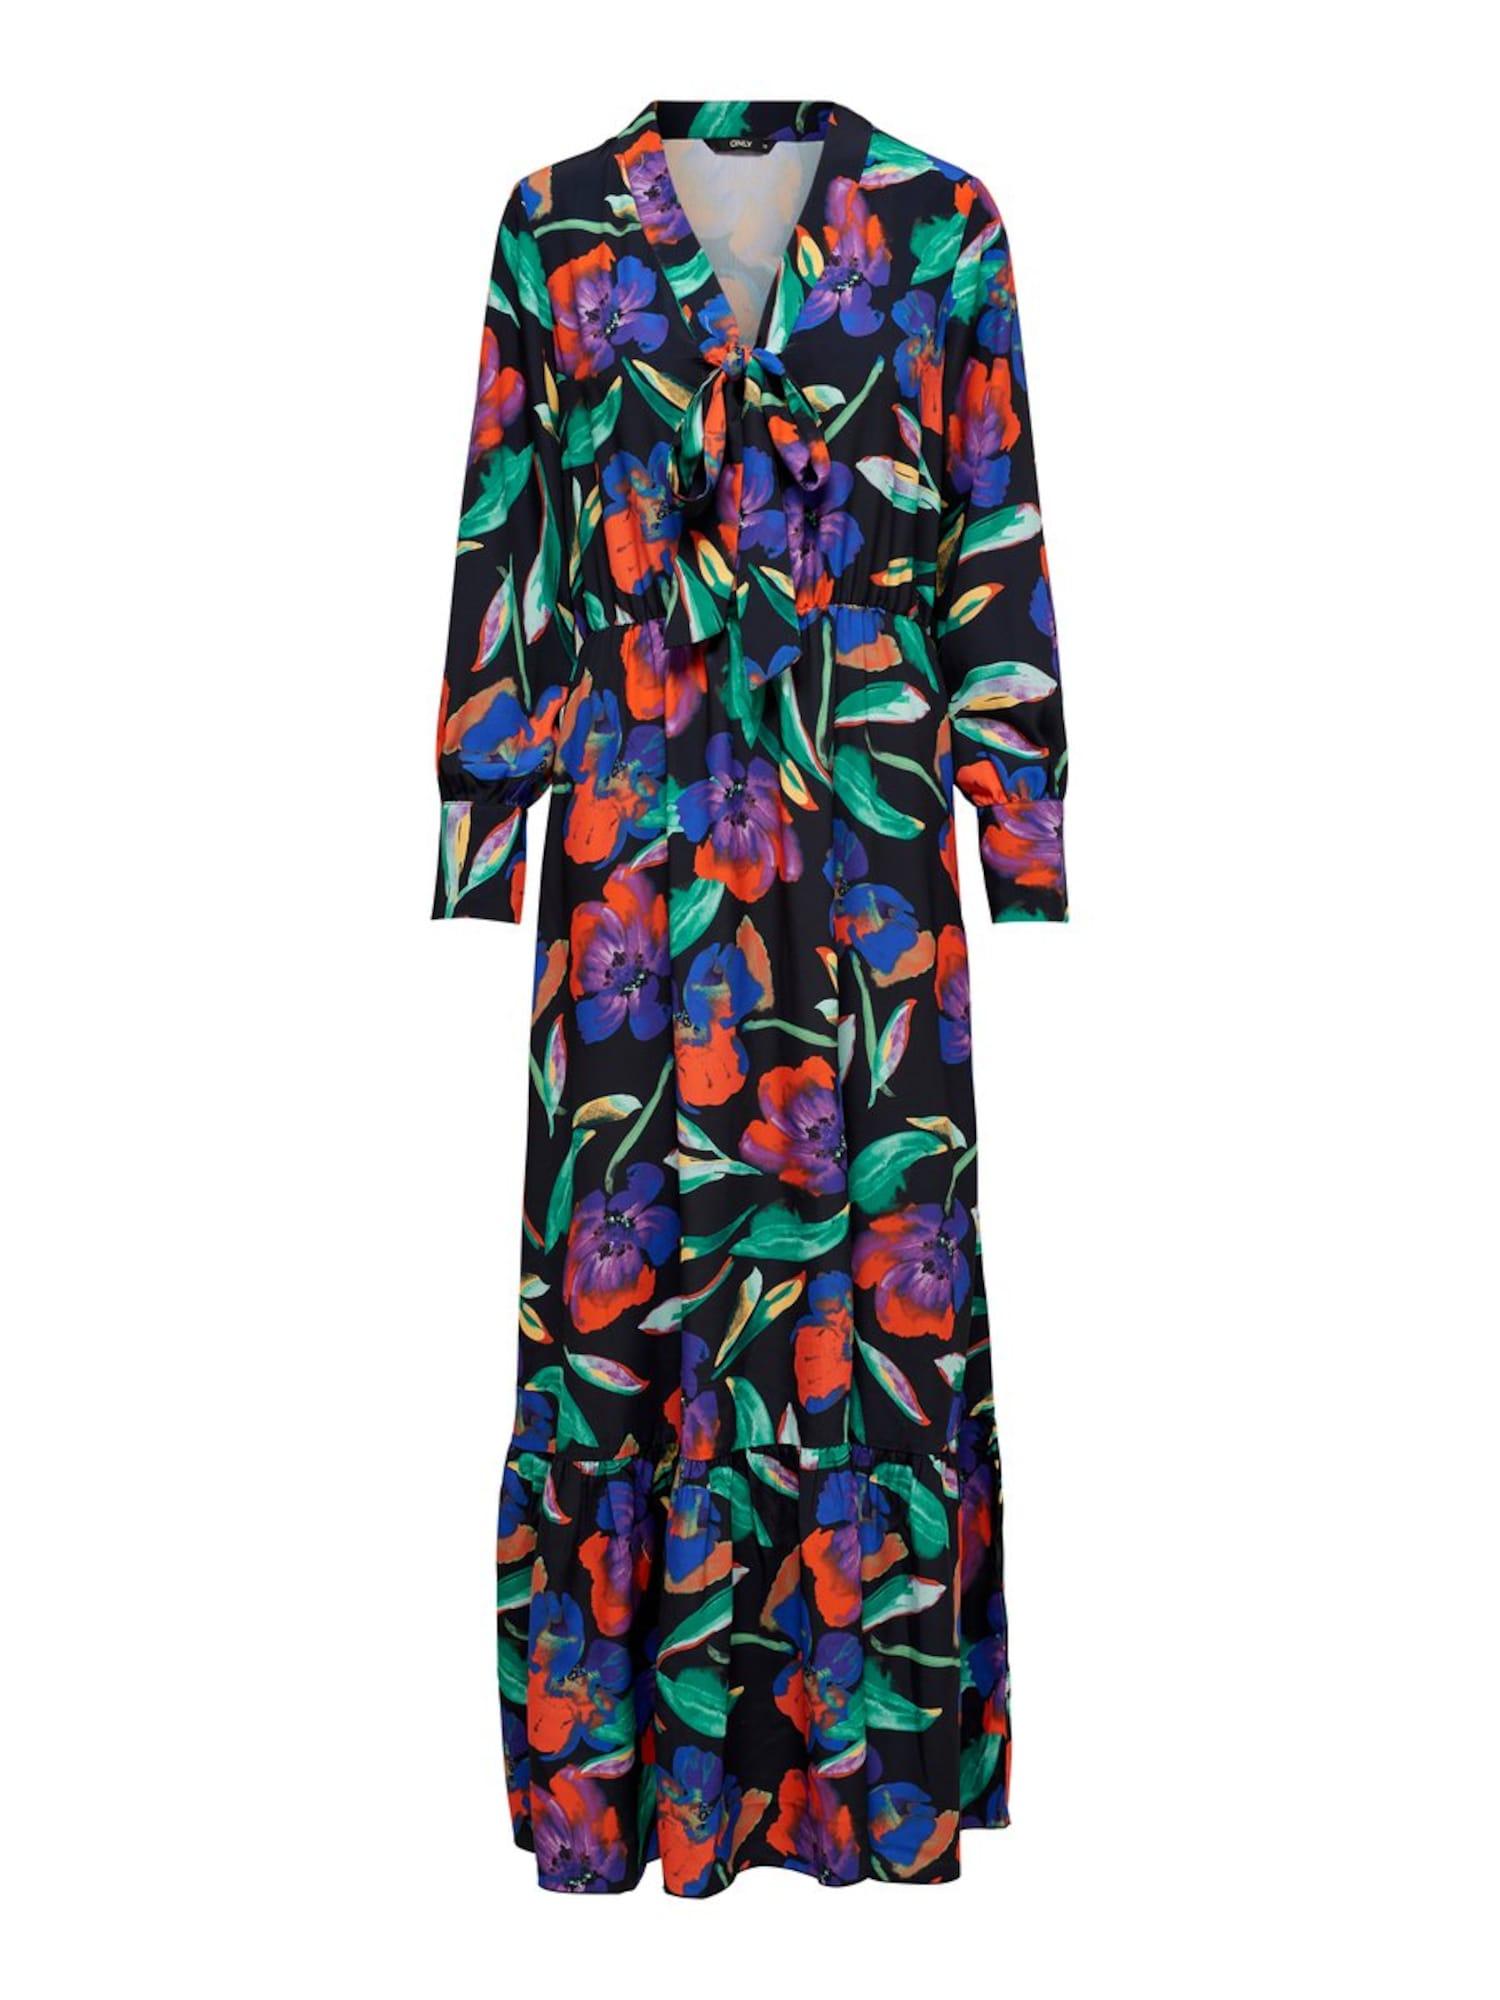 c73f5e5f910f Damen Röcke   Kleider   Billig Shoppen in Deutschland